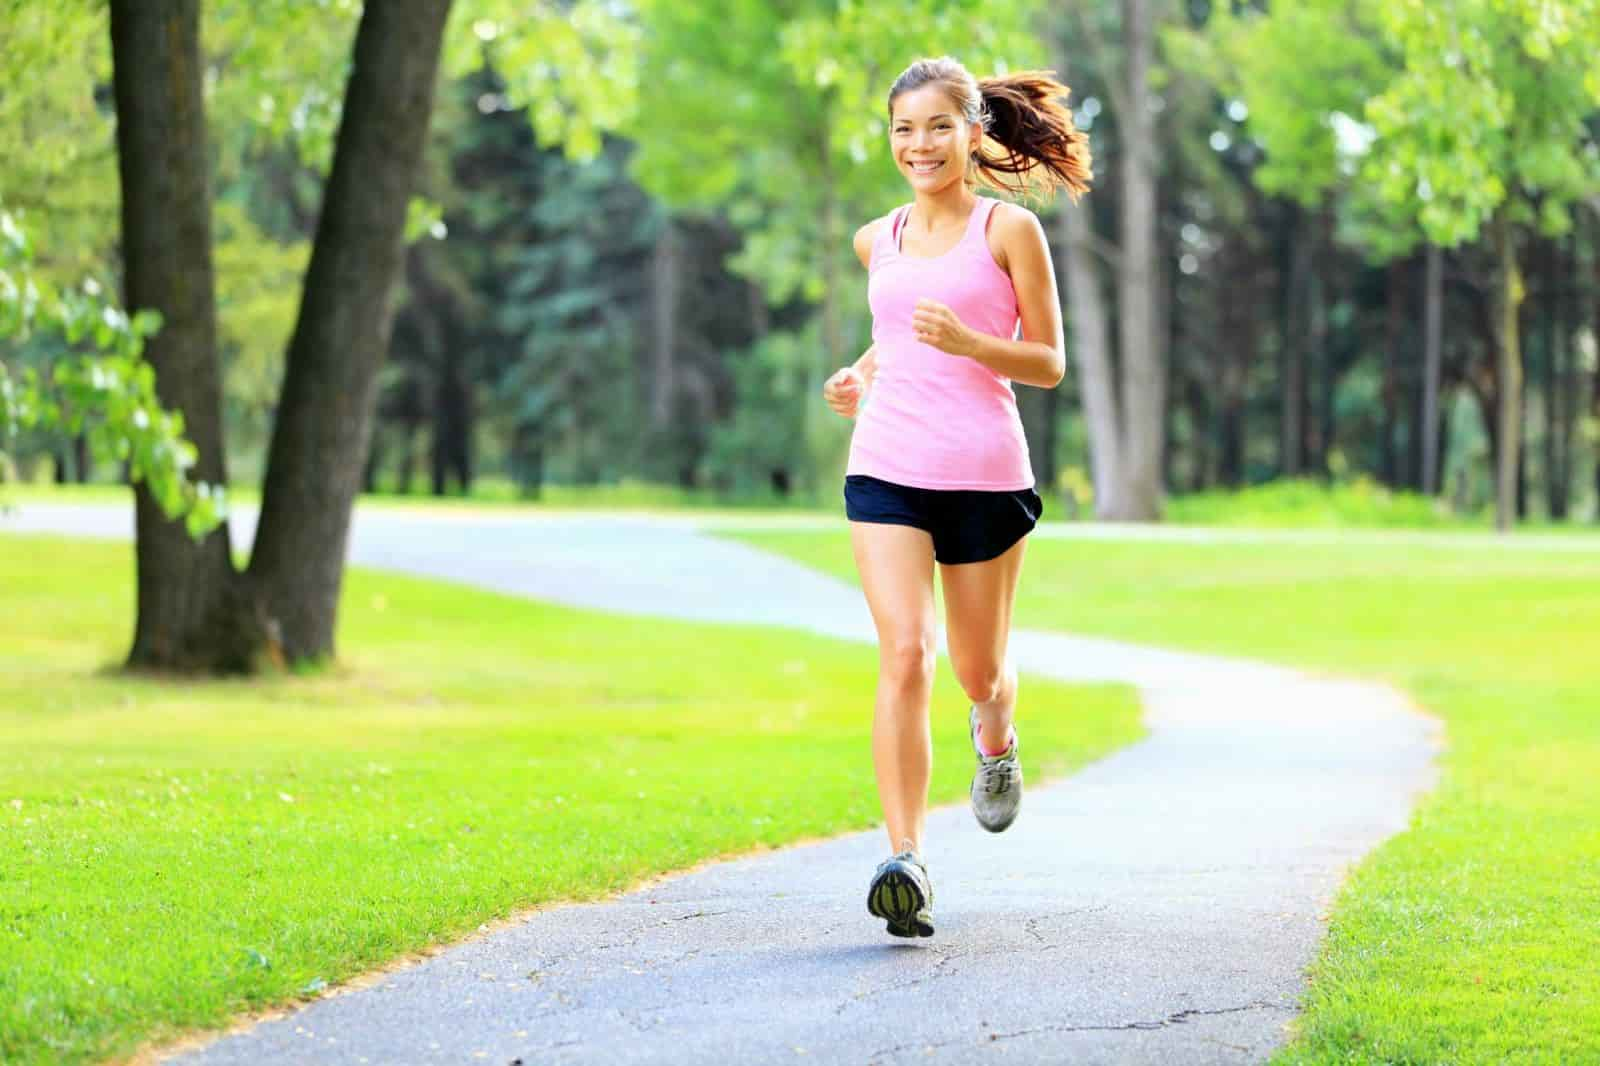 chạy bộ tăng cường thể lực